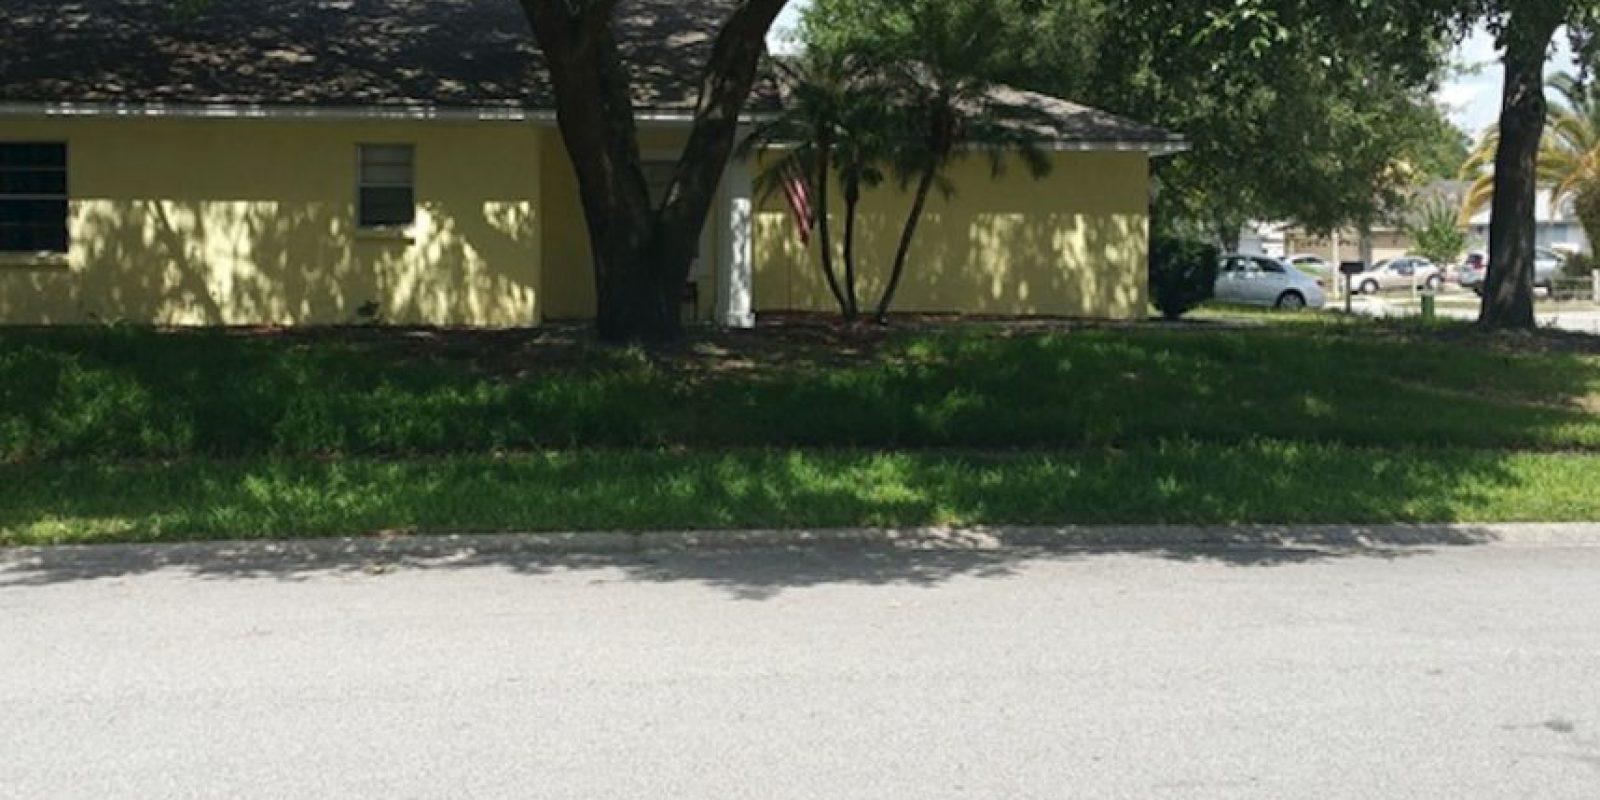 Ahora los árboles ofrecen mucha sombra. Foto:Reddit/Voodrew